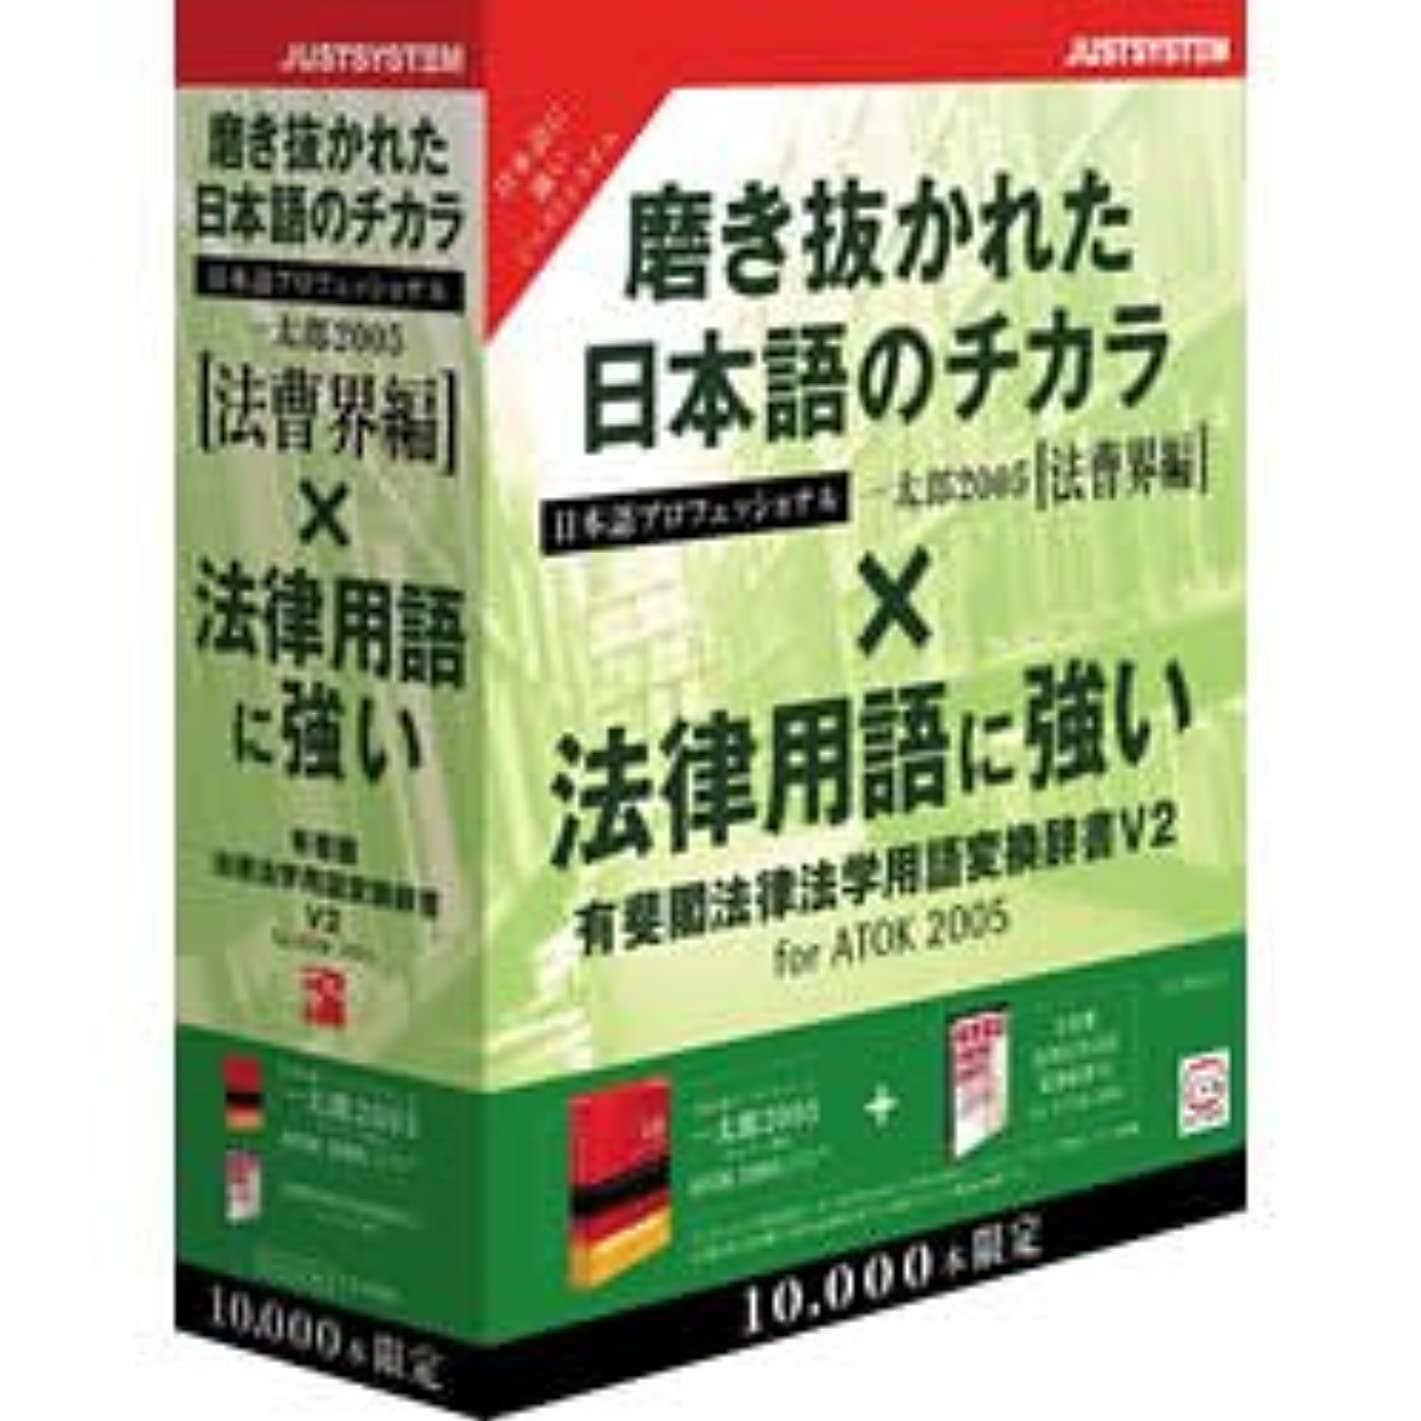 オリエンタル杖債務者一太郎2005 for Windows 法曹界編 CD-ROM